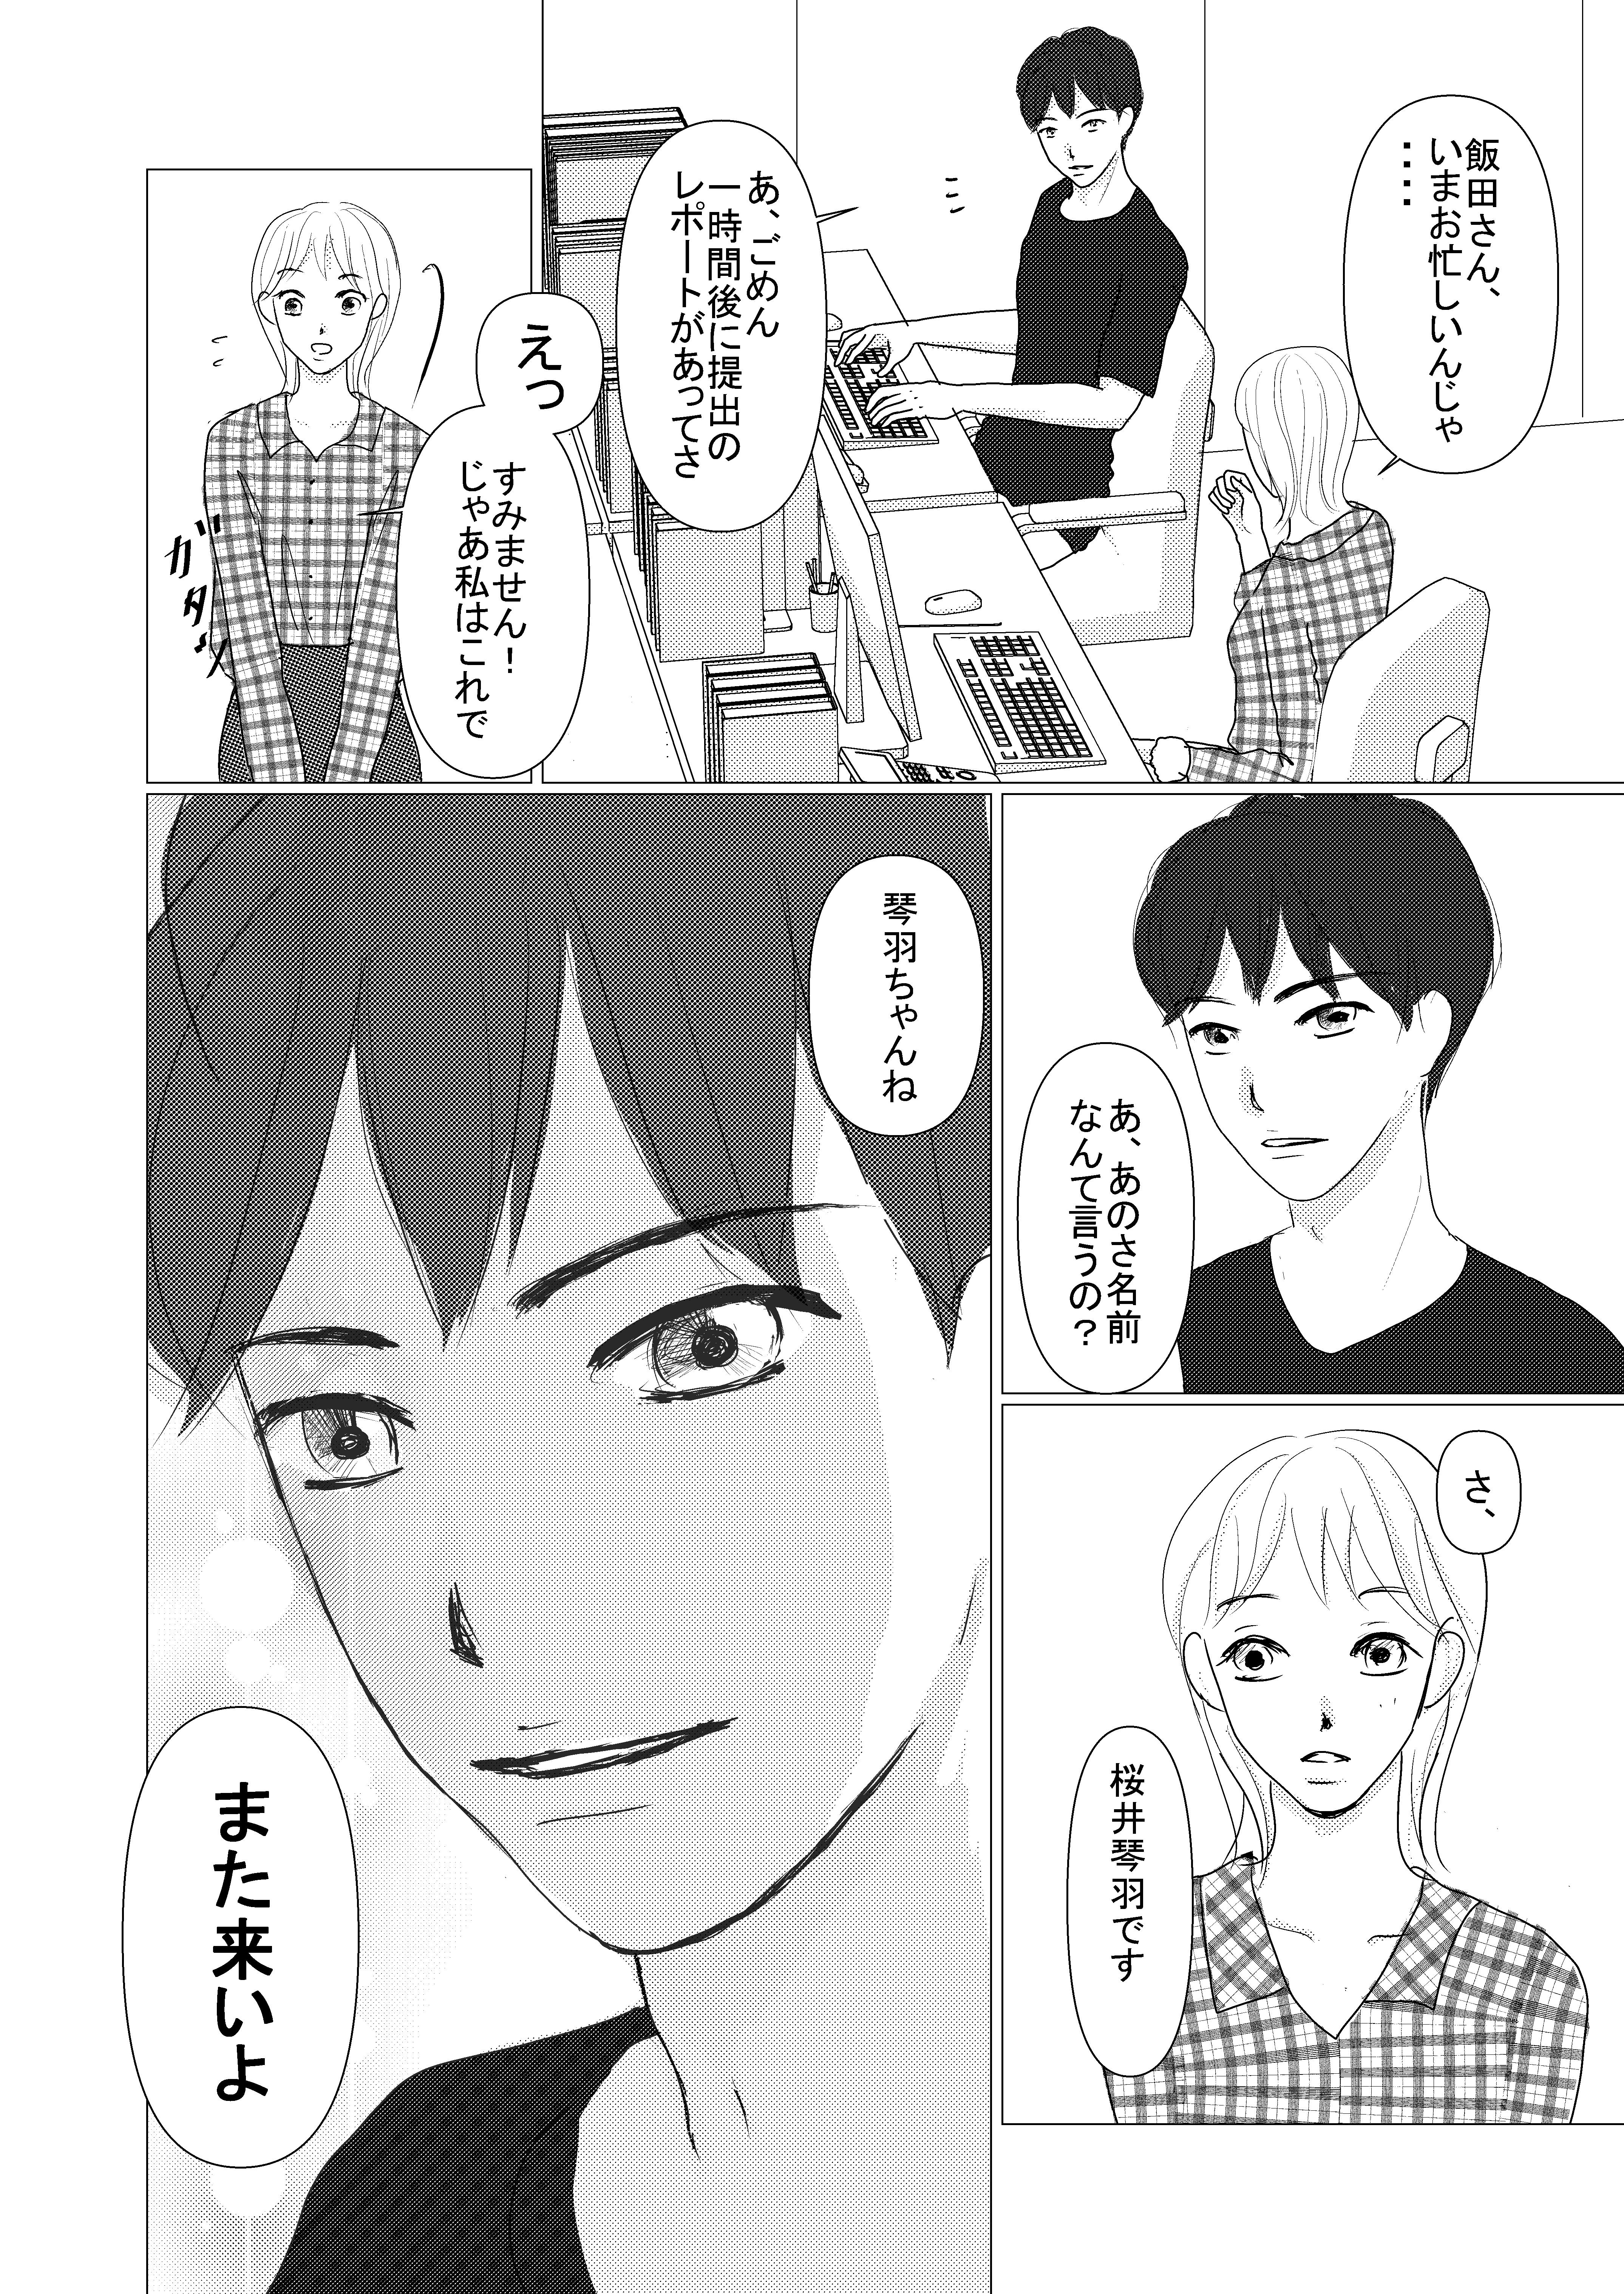 恋愛漫画/大学生/社会人/大学生で初めて付き合う/初めての彼氏/shoujyo manga/米加夢/46ページ